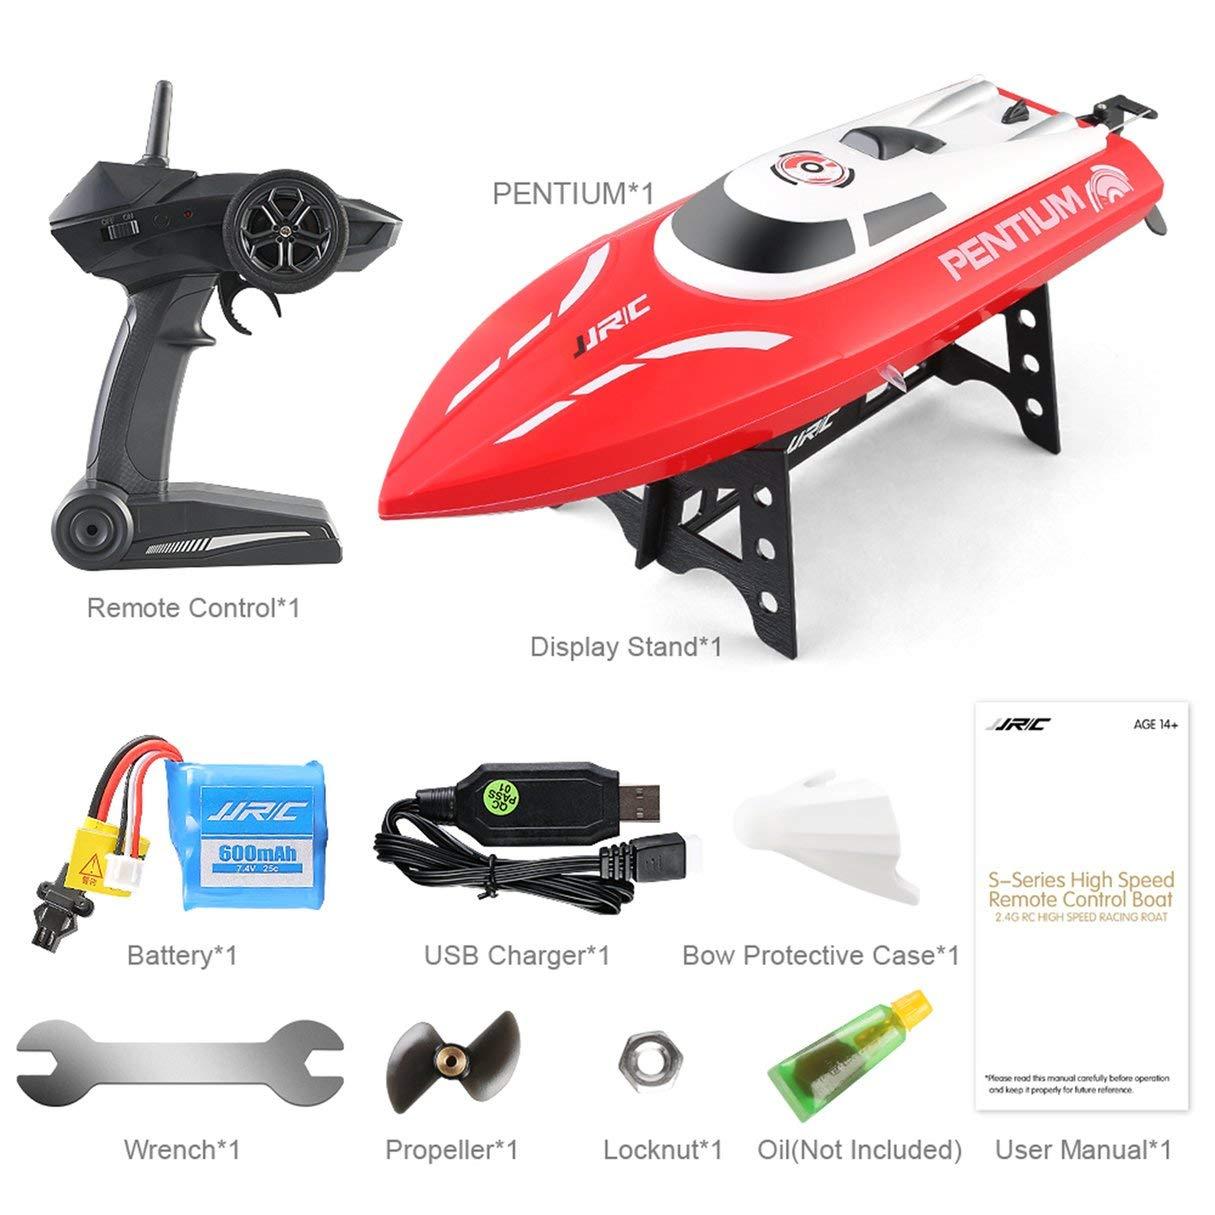 Wafalano Mini Racing RC-Stiefel, JJRC 25 S1 2,4 GHz 2CH 25 JJRC km/h Hochgeschwindigkeits-Mini Racing RC-Stiefel wasserdicht RTR-Fernbedienung SchnellStiefel Spielzeug für Erwachsene Kinder b48974